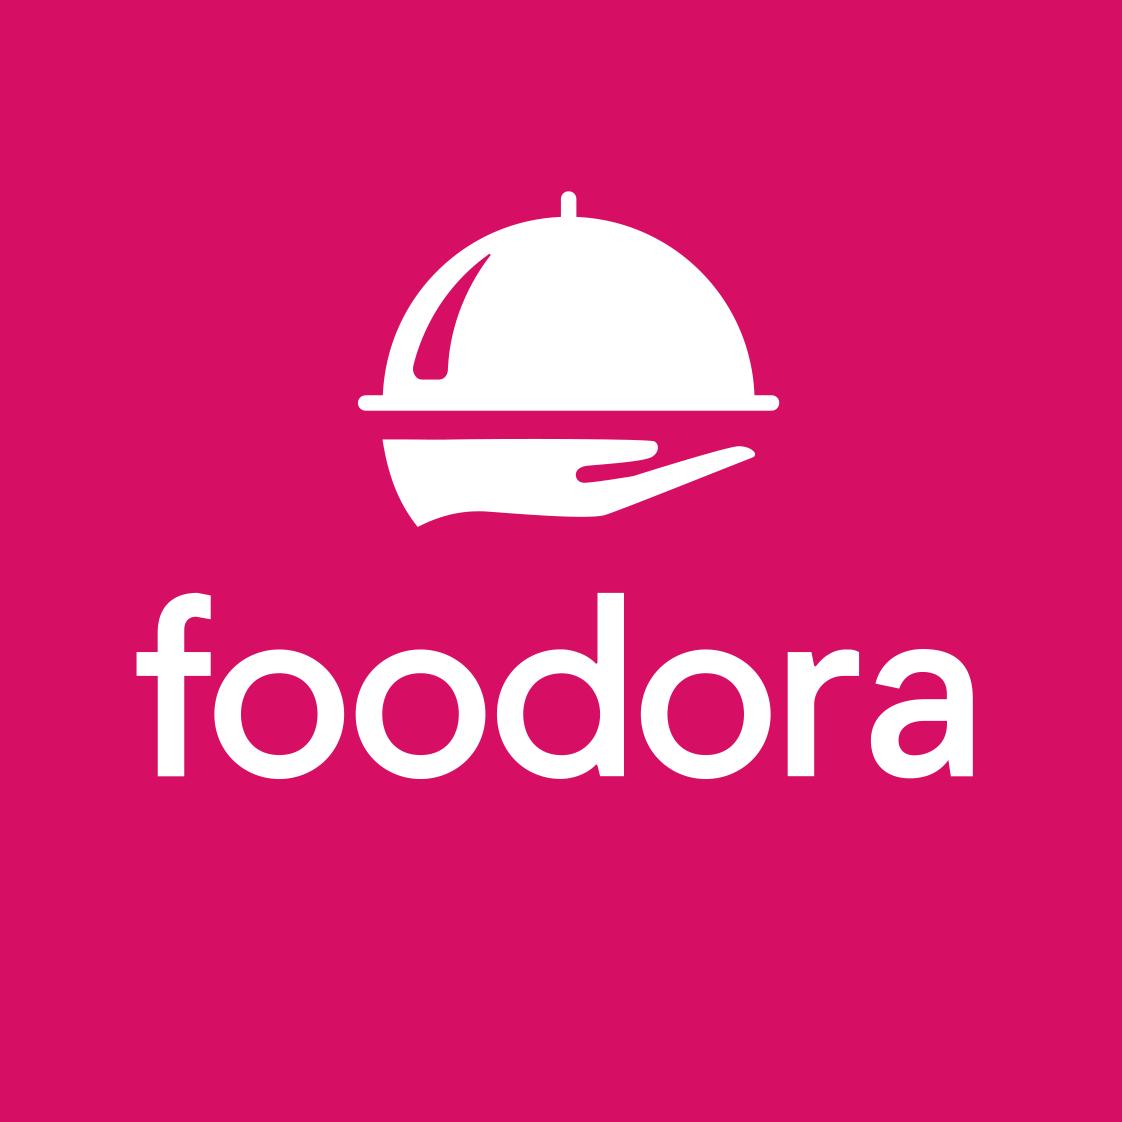 Foodora logo - stor kvadratisk